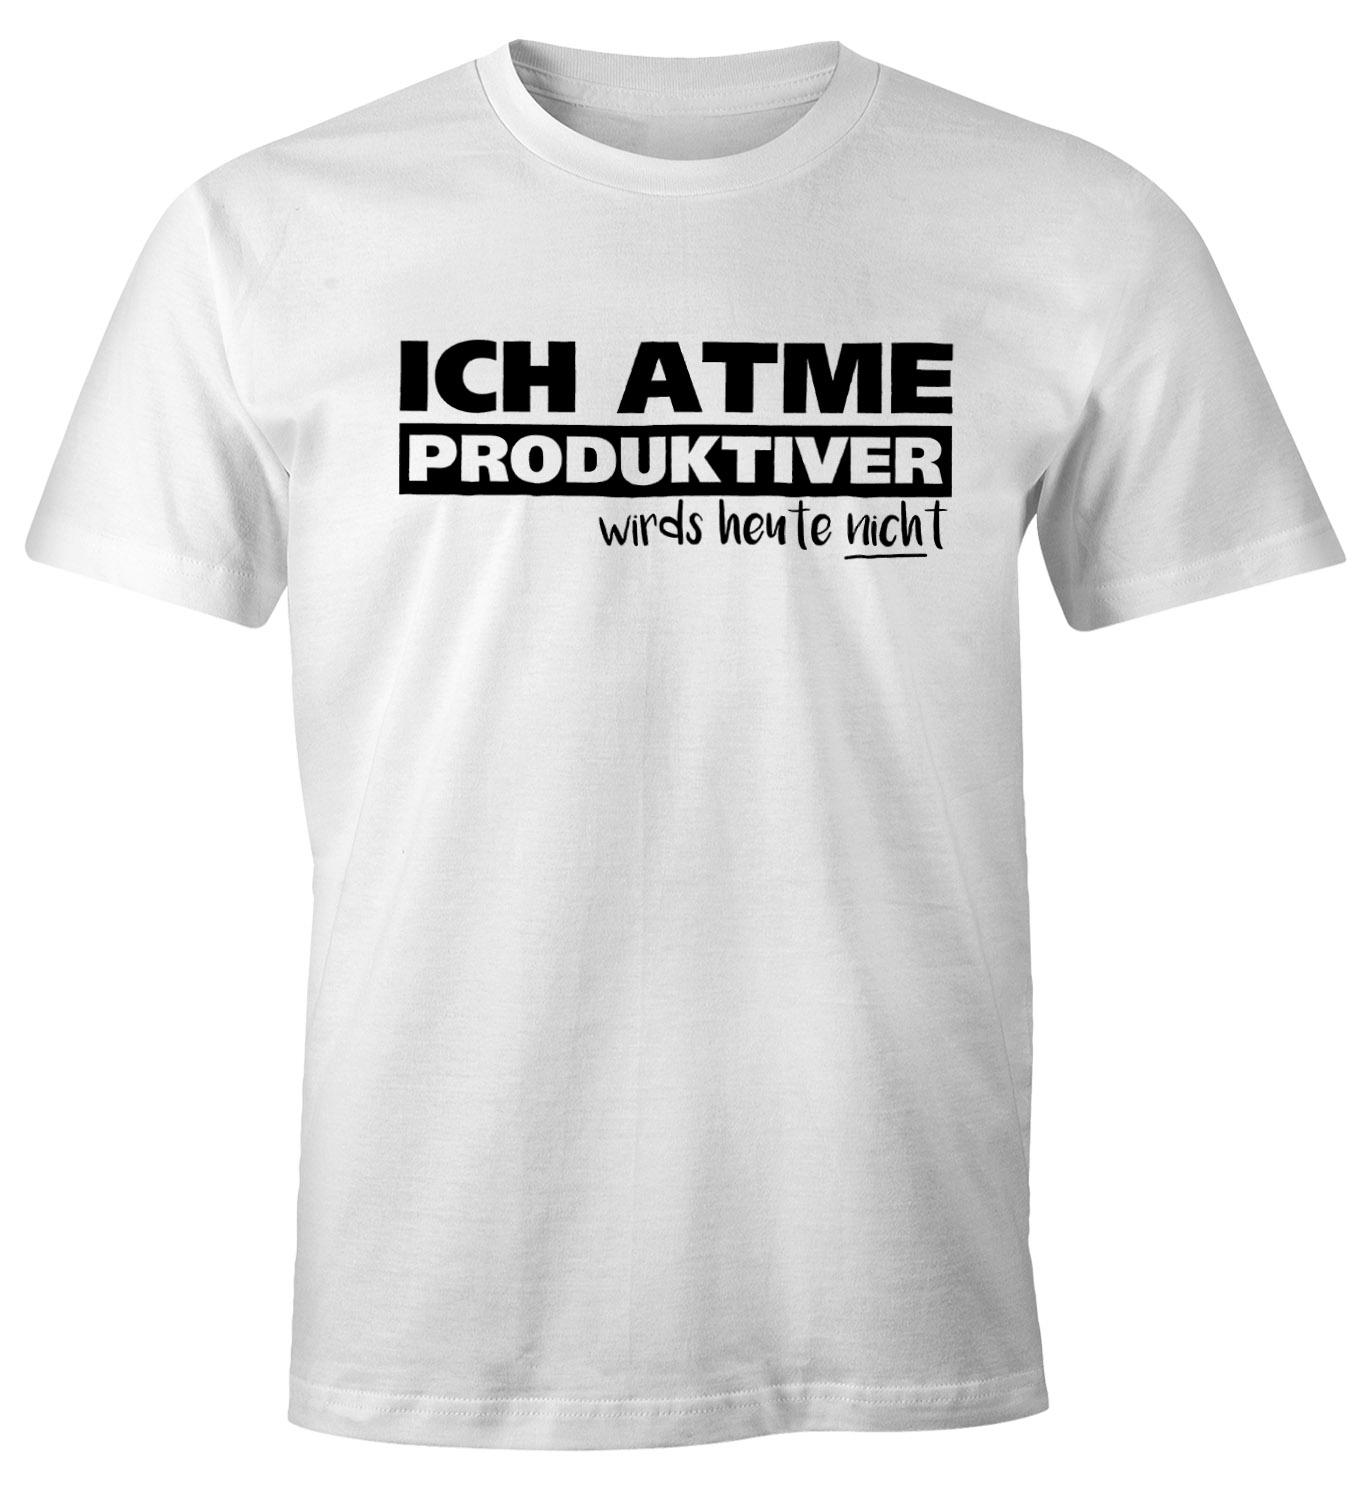 Full Size of Bud Spencer Sprüche T Shirt Sprüche T Shirt Urheberrecht Junggesellen Sprüche T Shirt Bayerische Sprüche T Shirt Küche Sprüche T Shirt